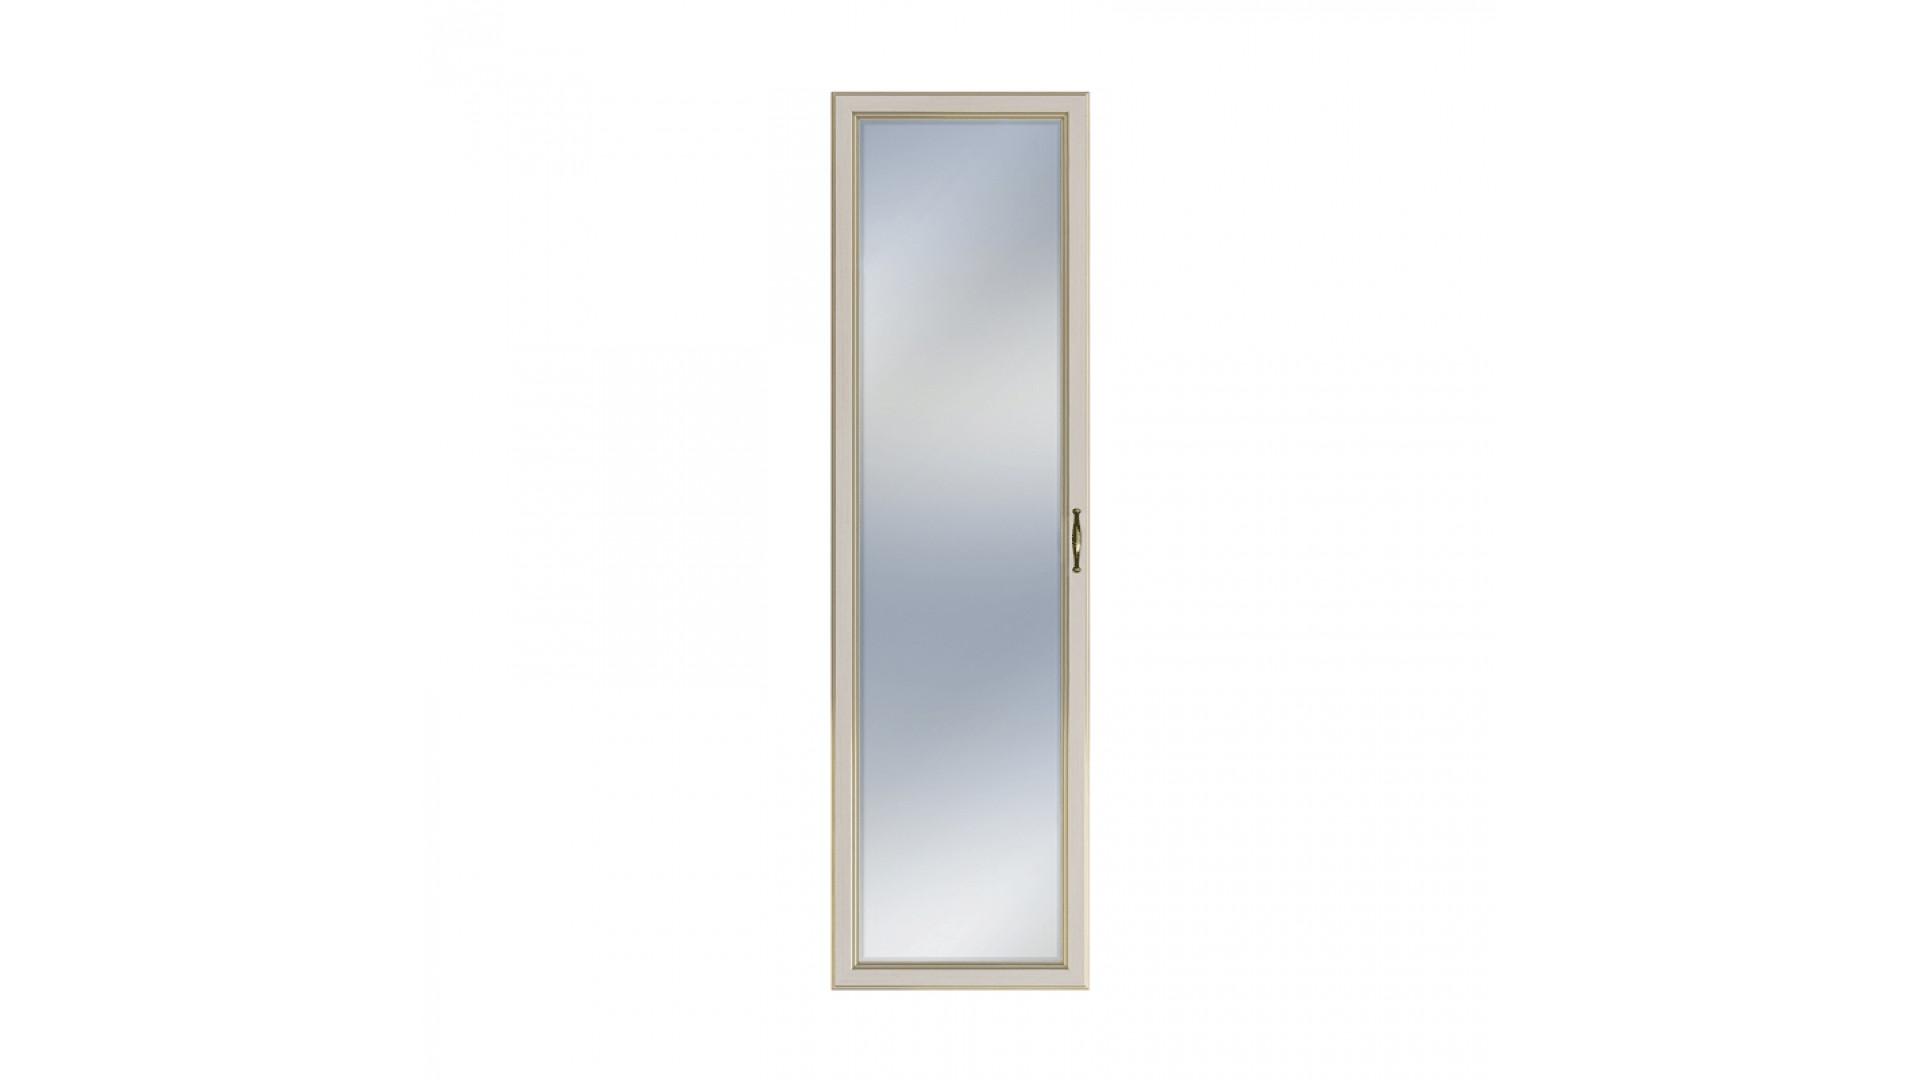 фасад двери c зеркалом Кураж Сиена